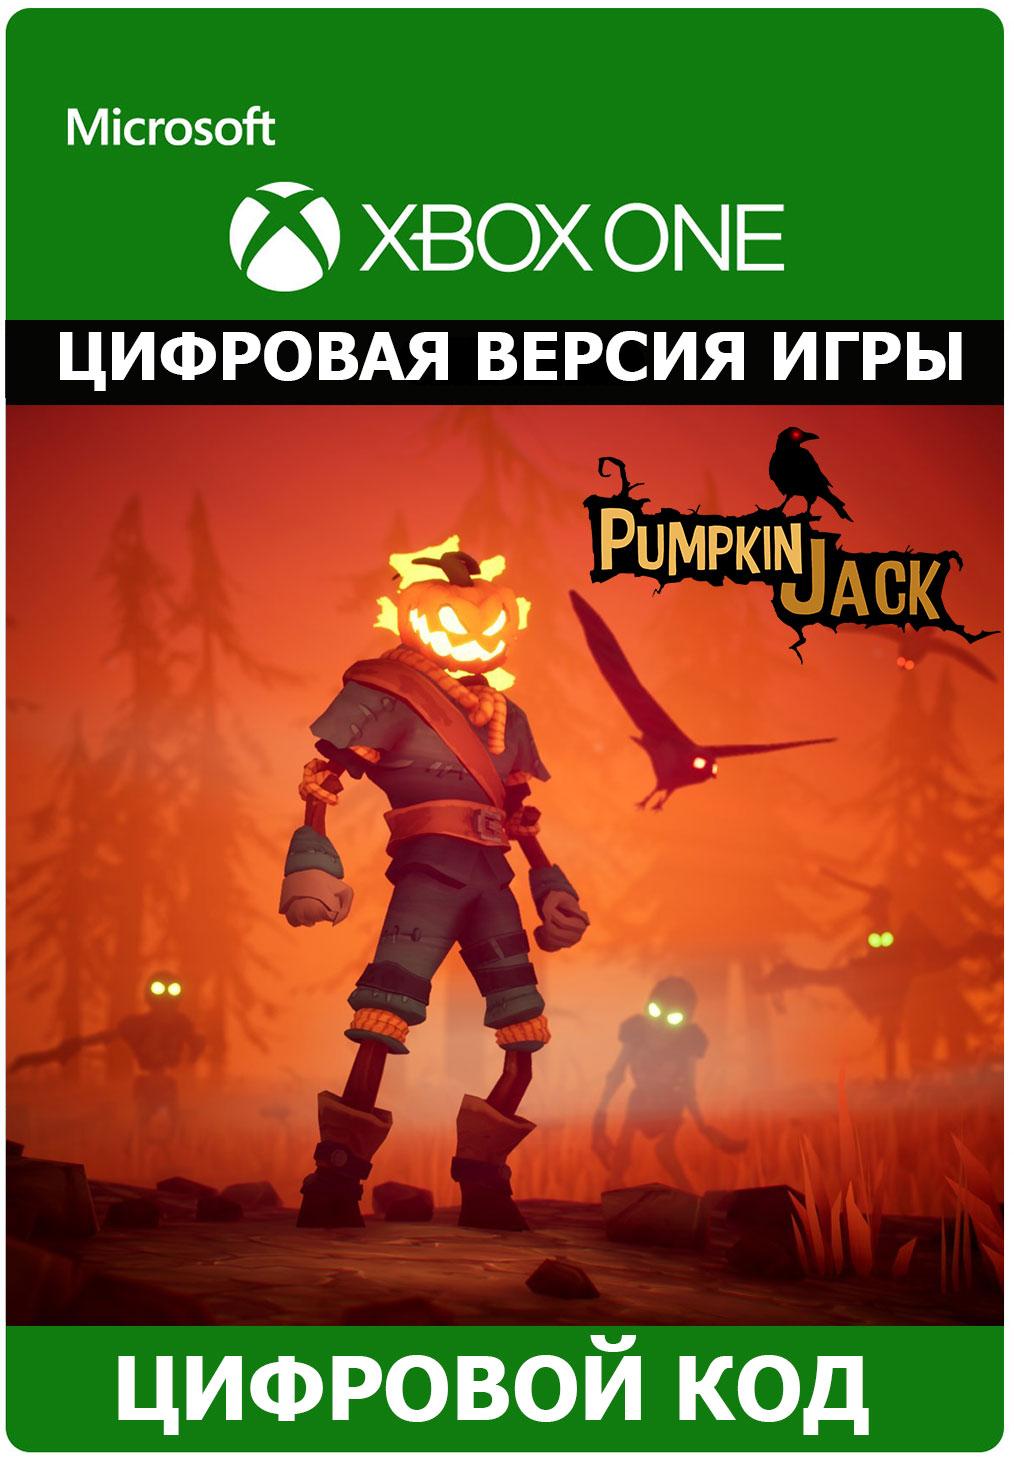 Pumpkin Jack XBOX 722.22 Rub. Możliwe 5 zł taniej :)